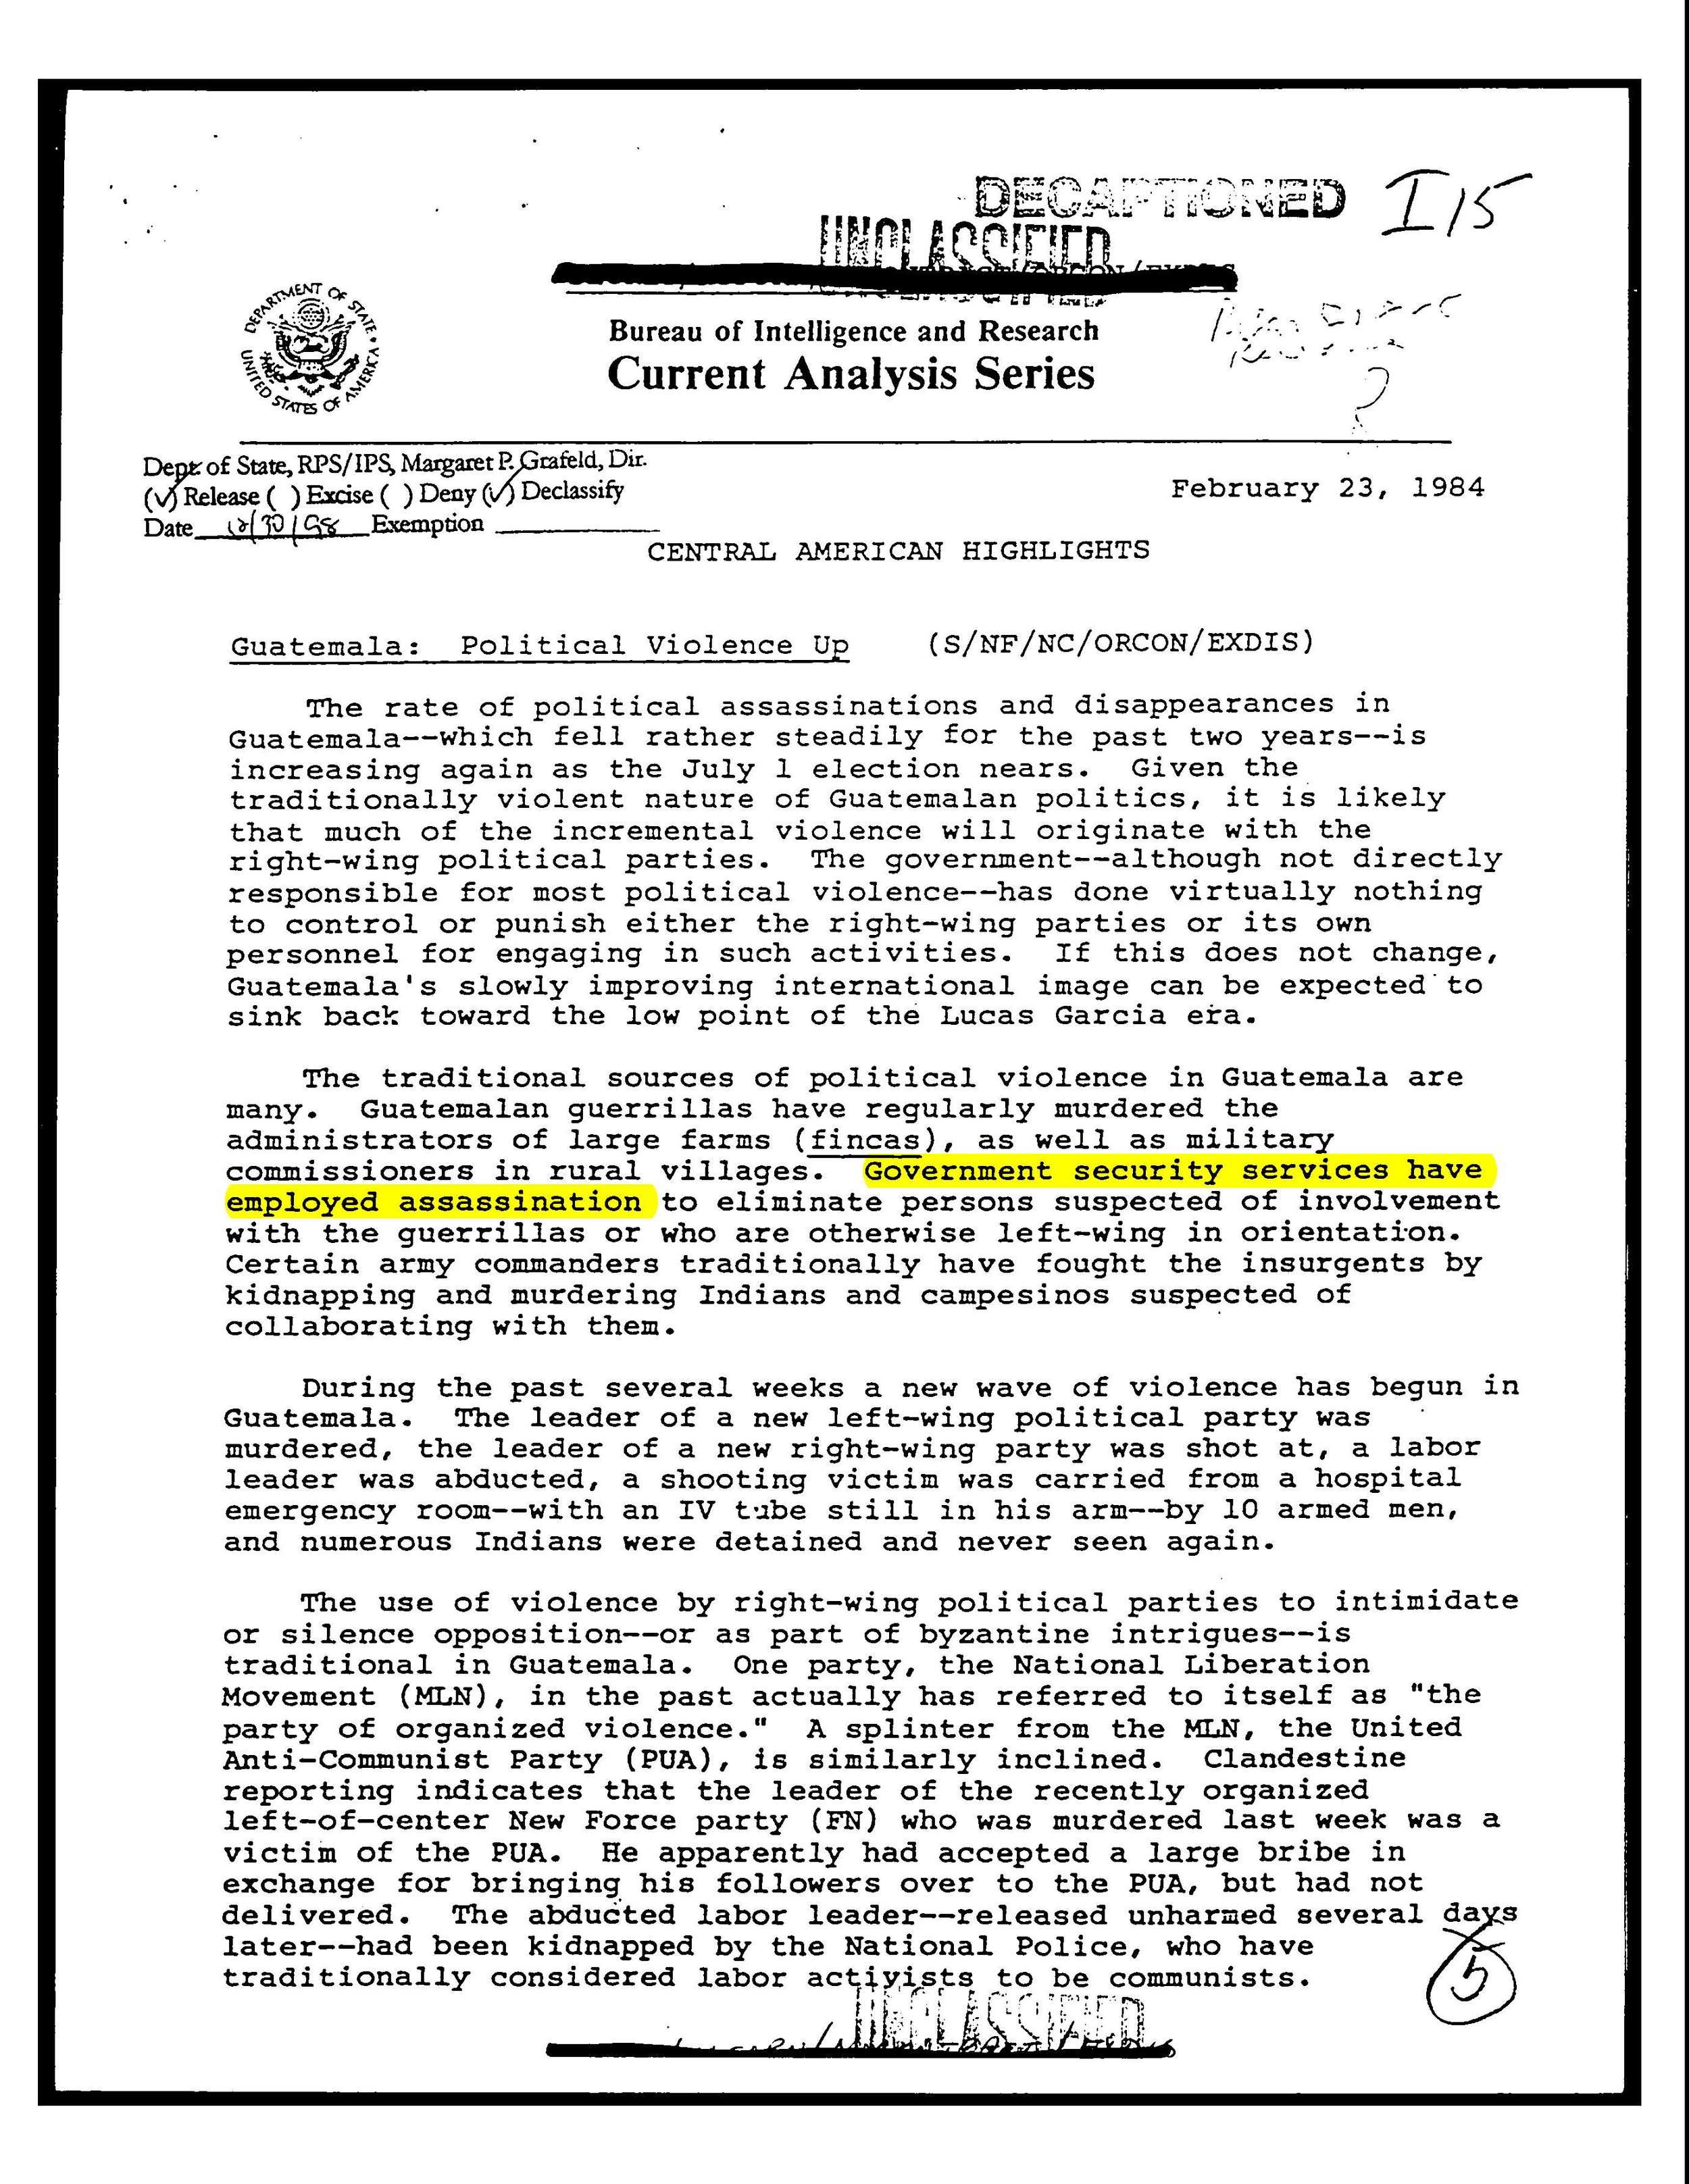 Documento desclasificado del Gobierno de los Estados Unidos obtenido a través de una solicitud usando el derecho 'Libertad de Información' por el Archivo de Seguridad Nacional en Washington DC. / De-classified US Government document obtained through a Freedom of Information request by the National Security Archive in Washington DC.